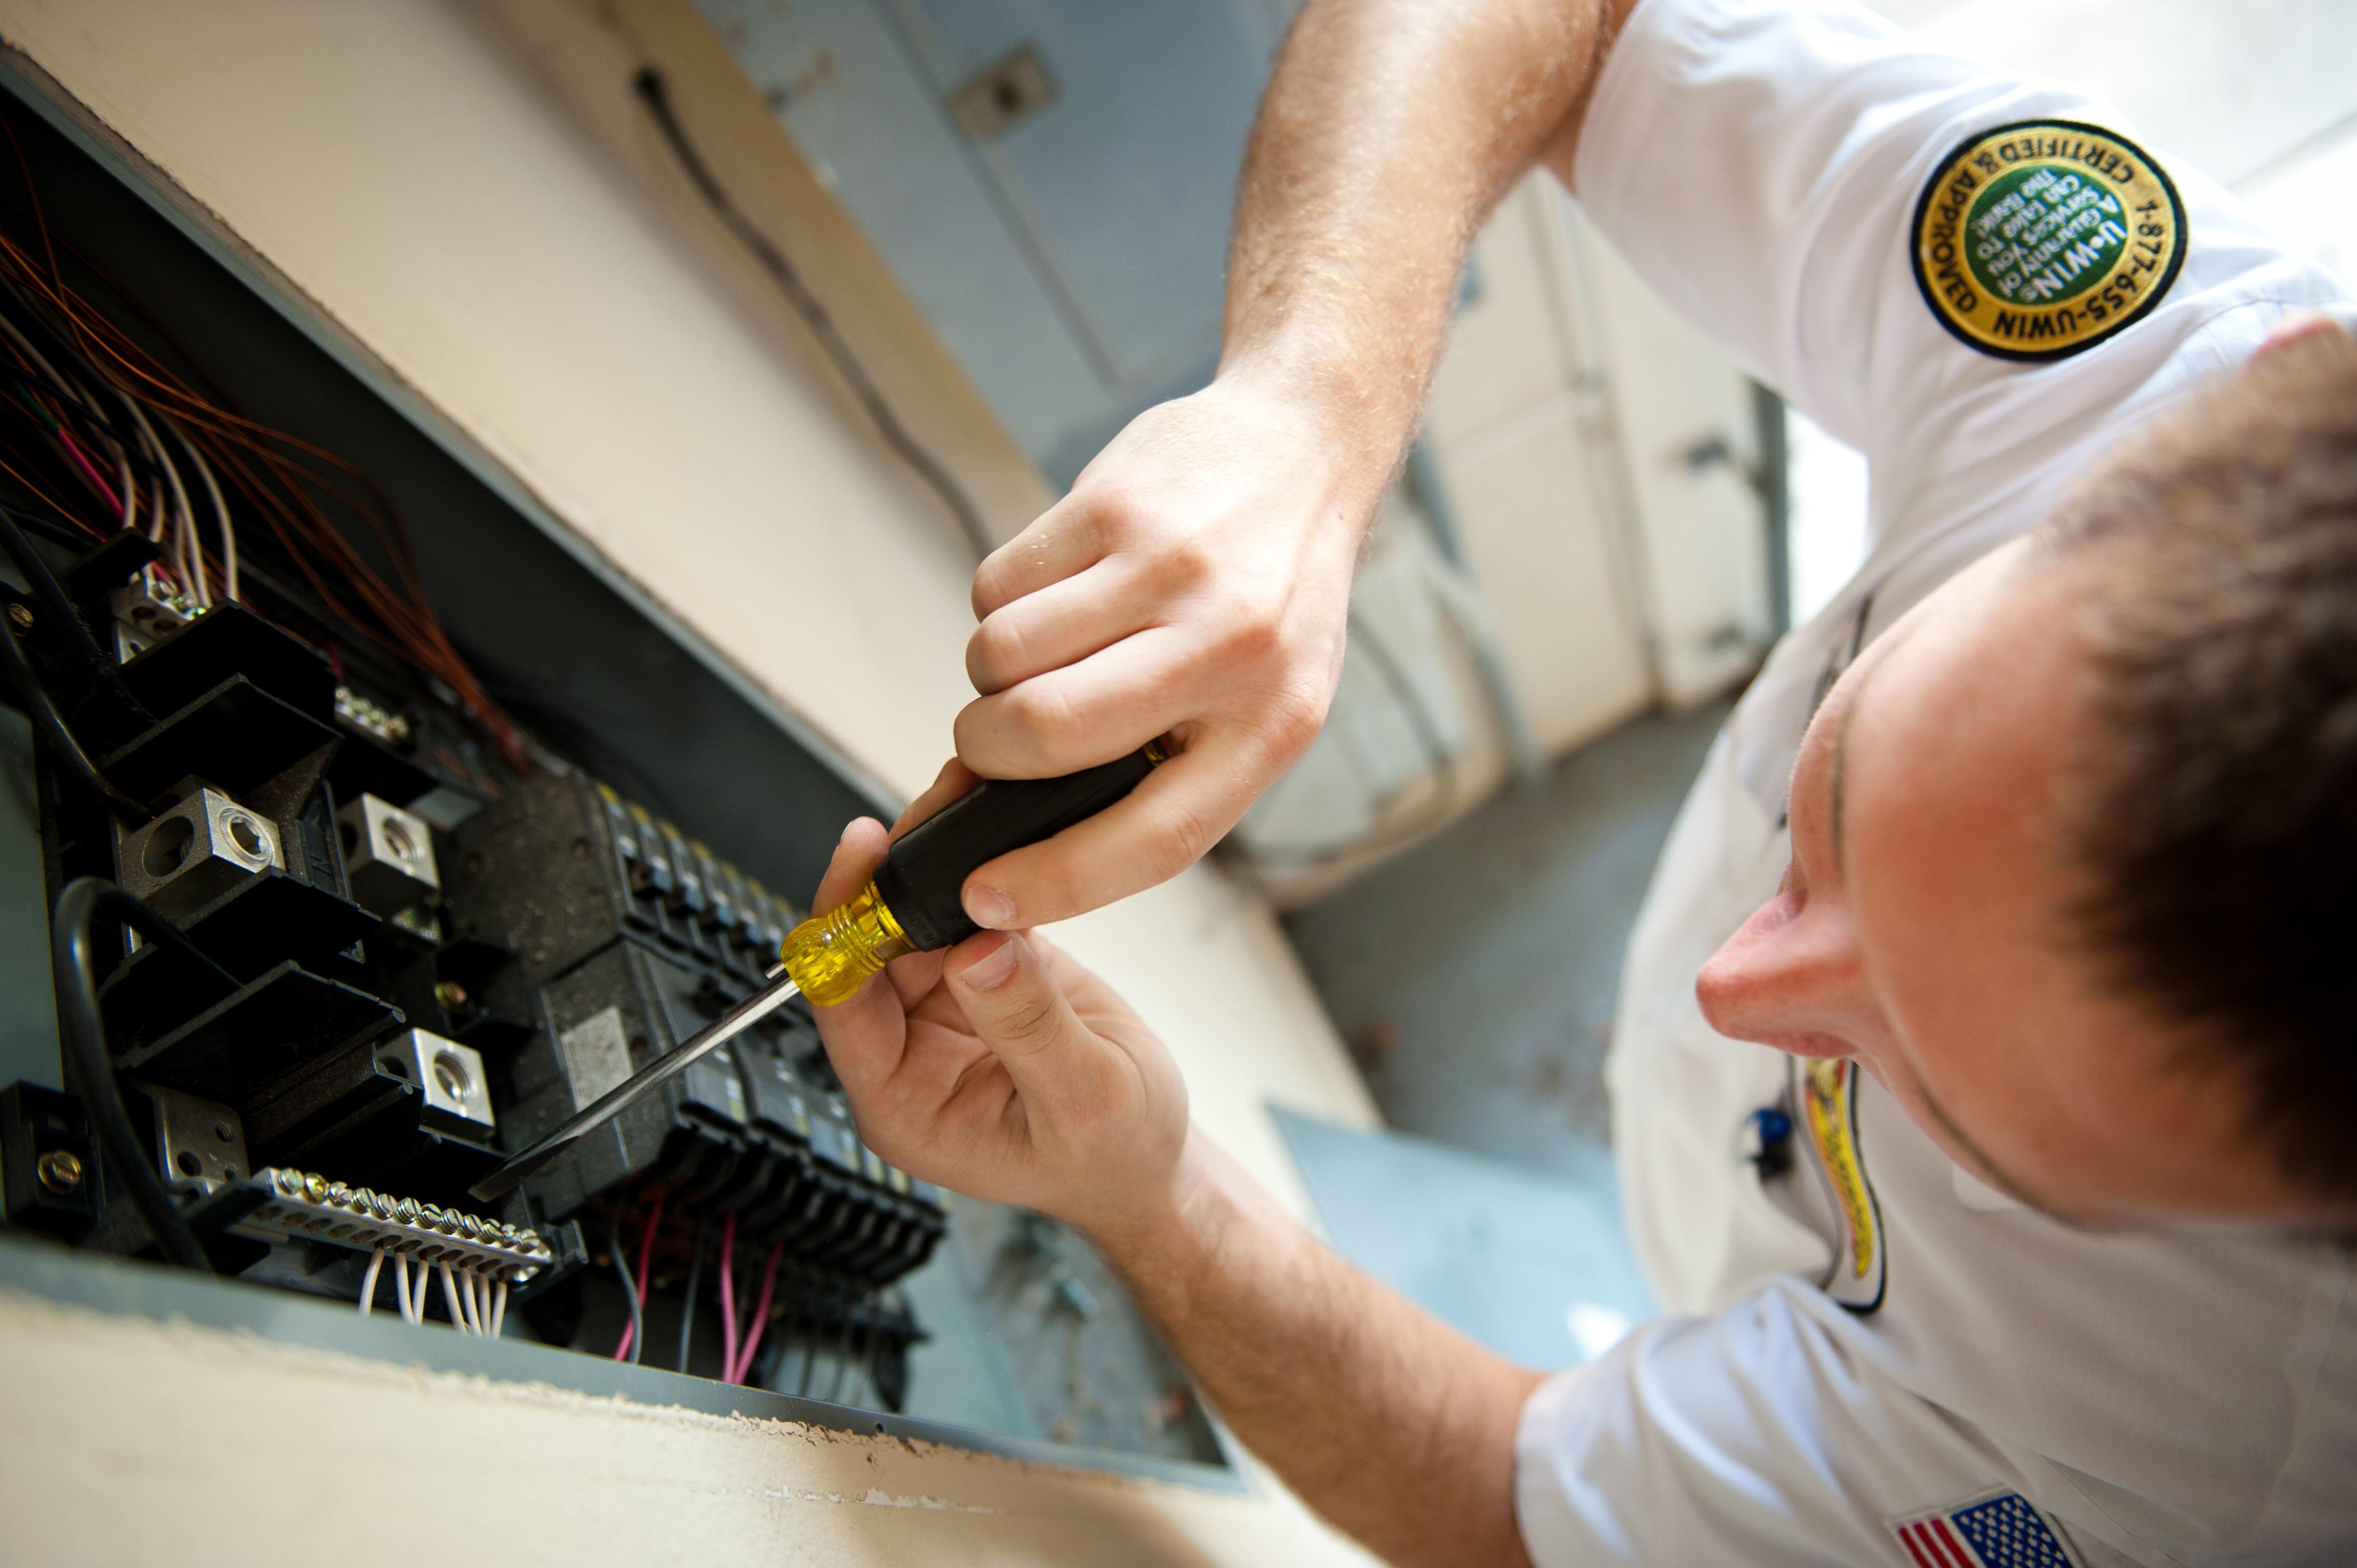 Mister Sparky Electrician Katy image 6